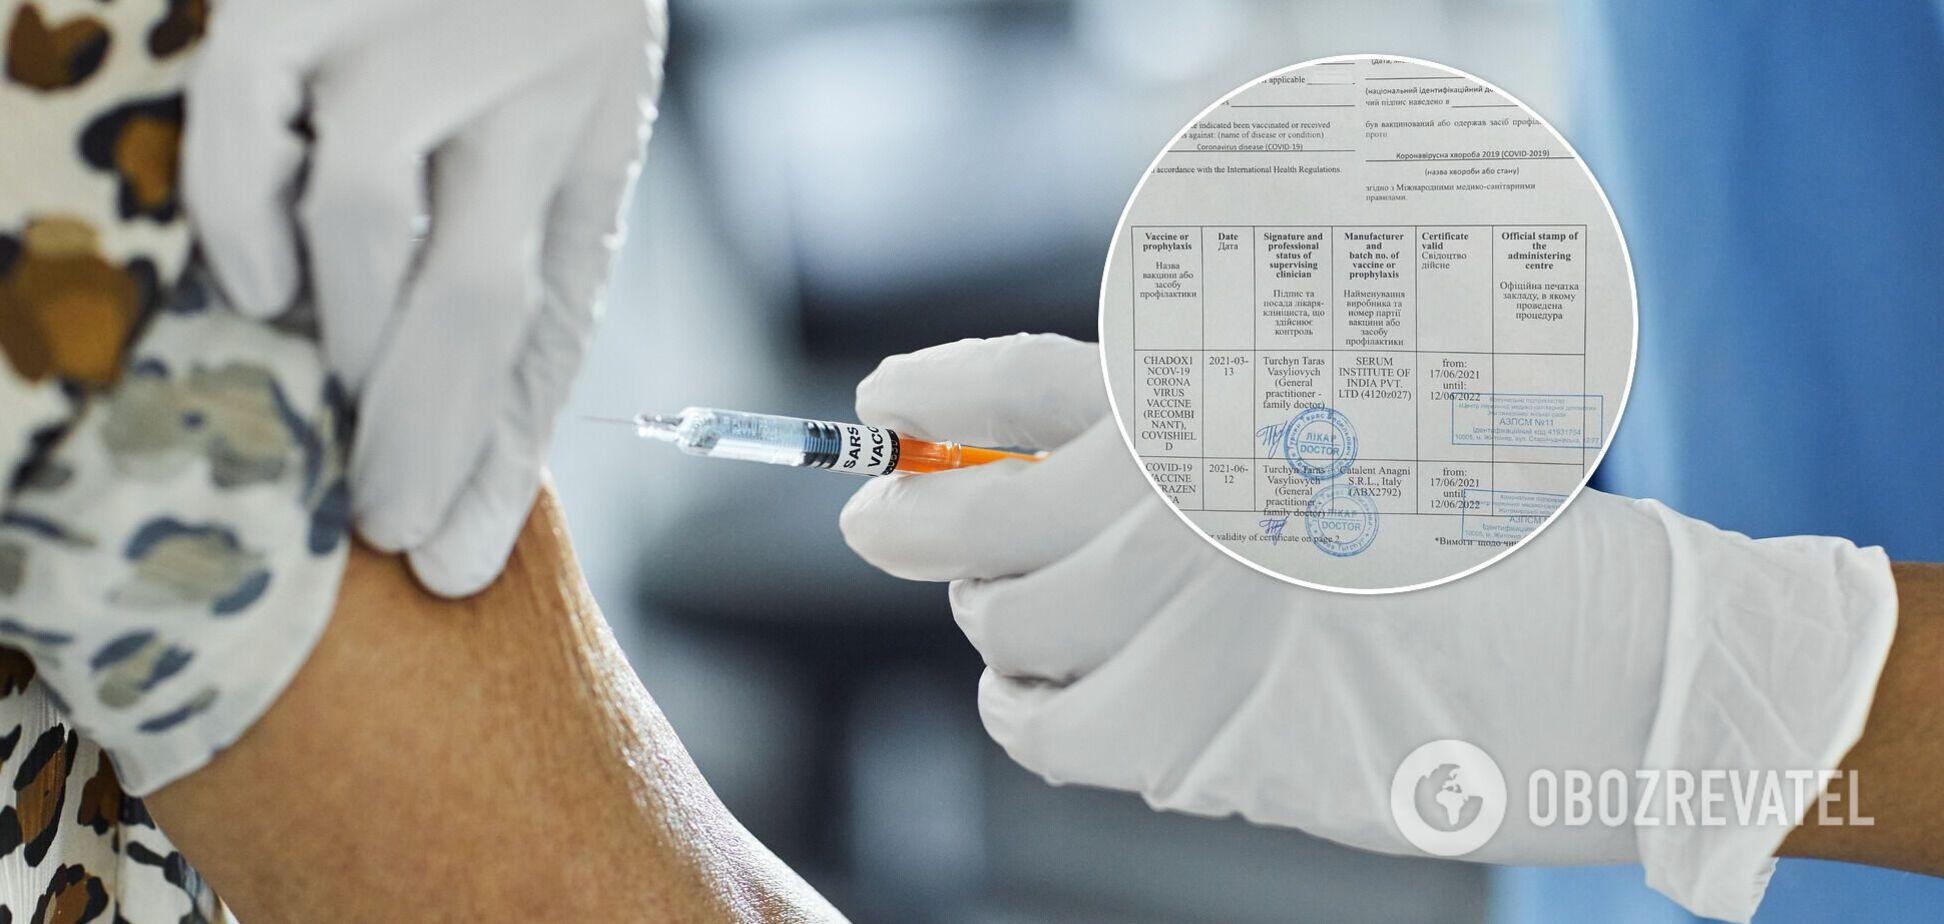 Сертификат вакцинации в Киеве нельзя получить в МВЦ: в КГГА назвали проблему